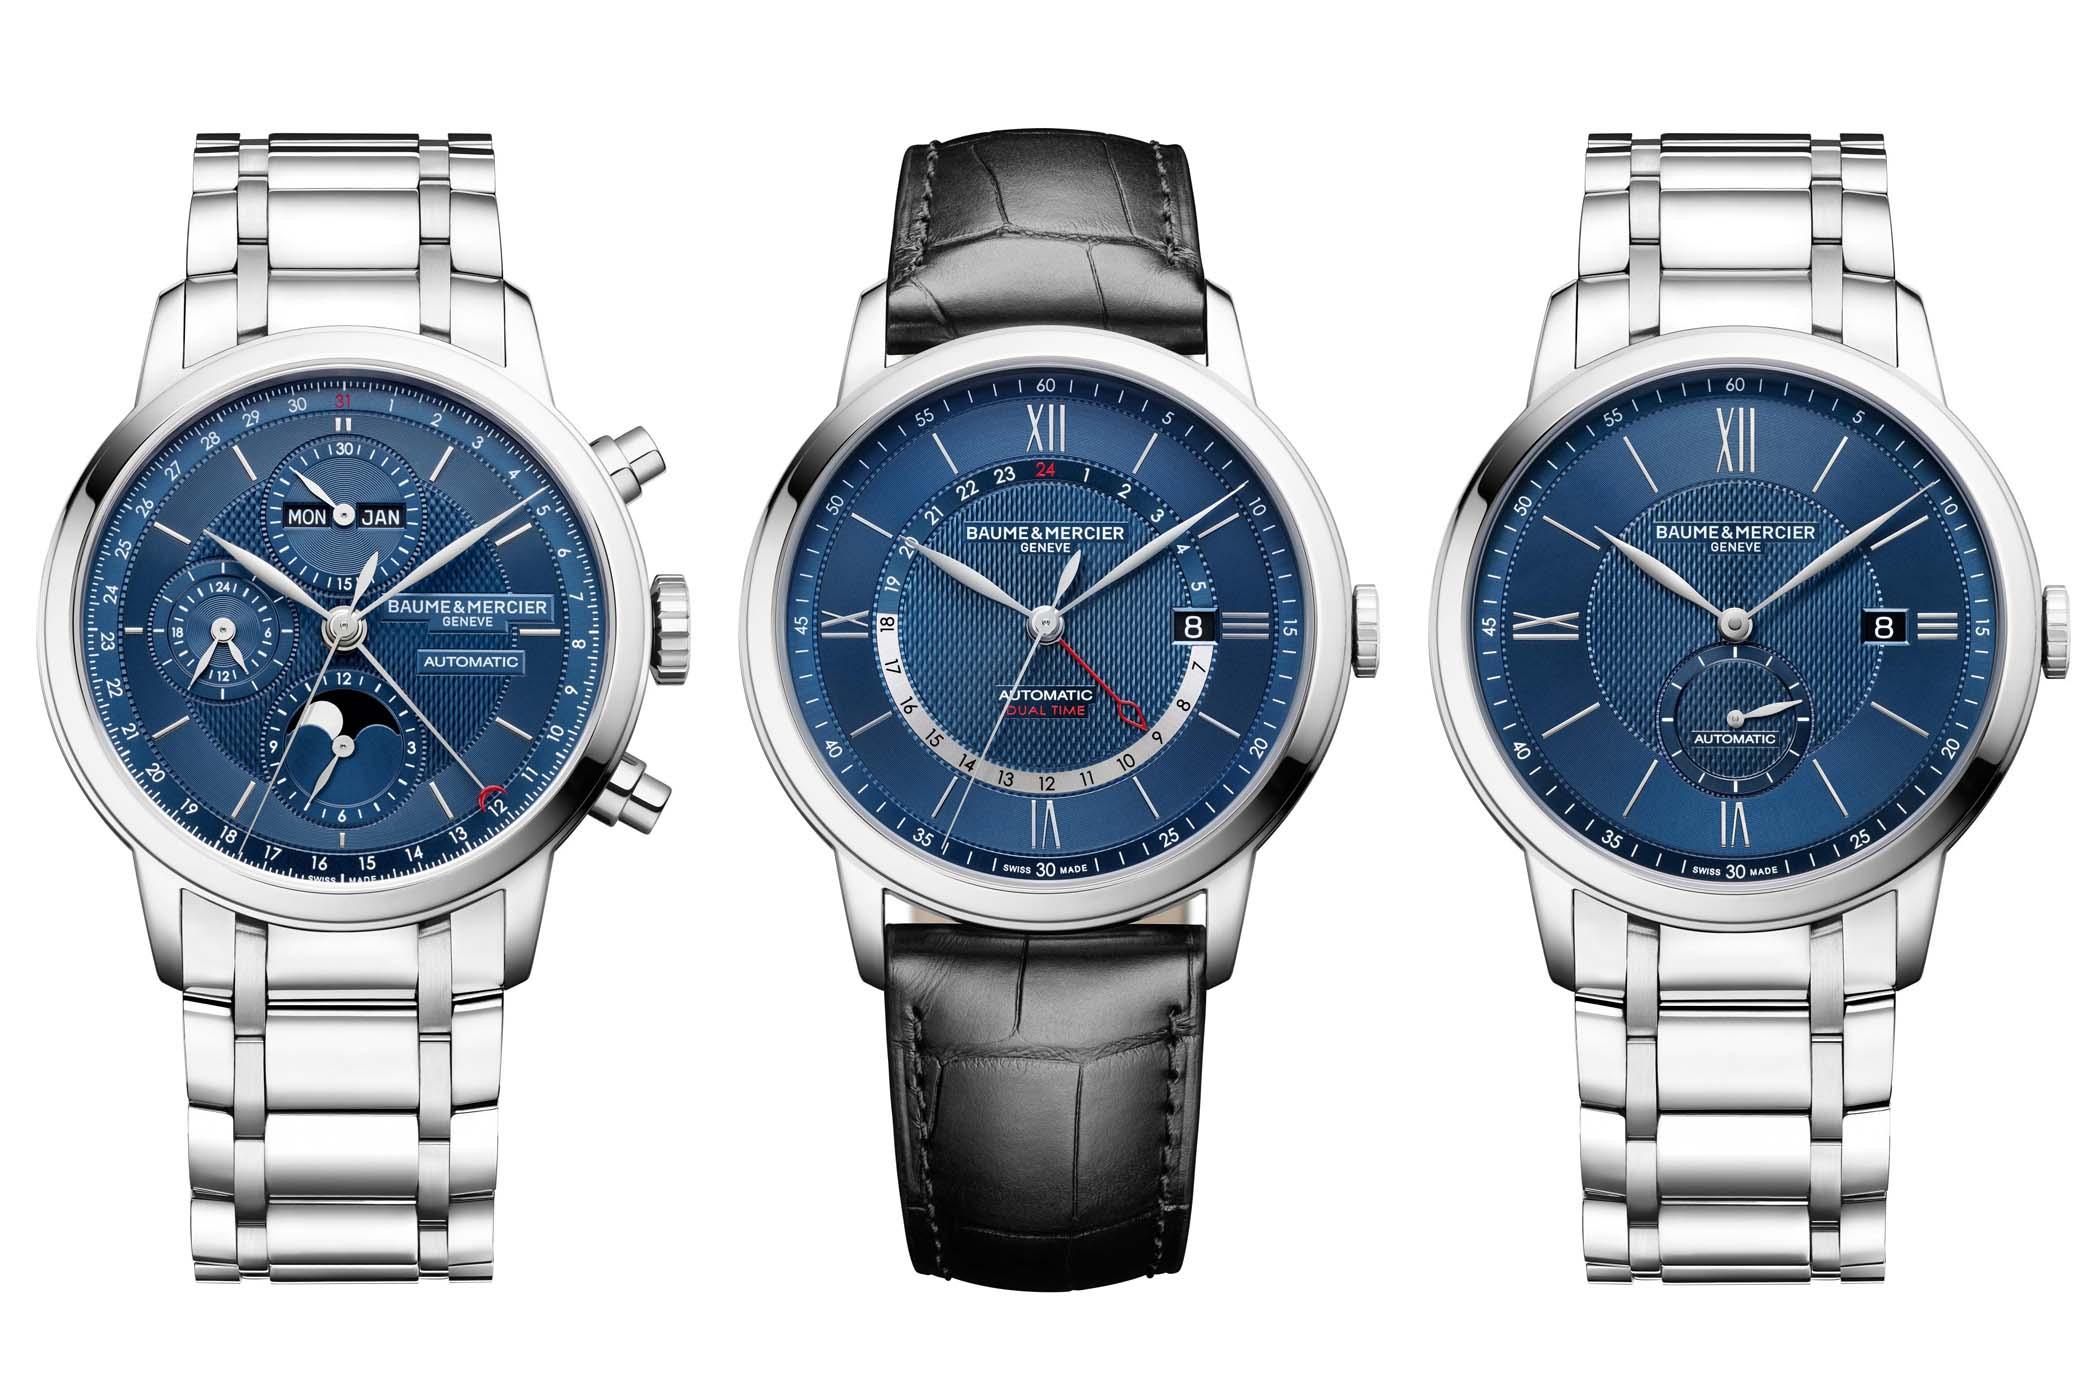 Baume & Mercier Classima new models 2019 blue dials